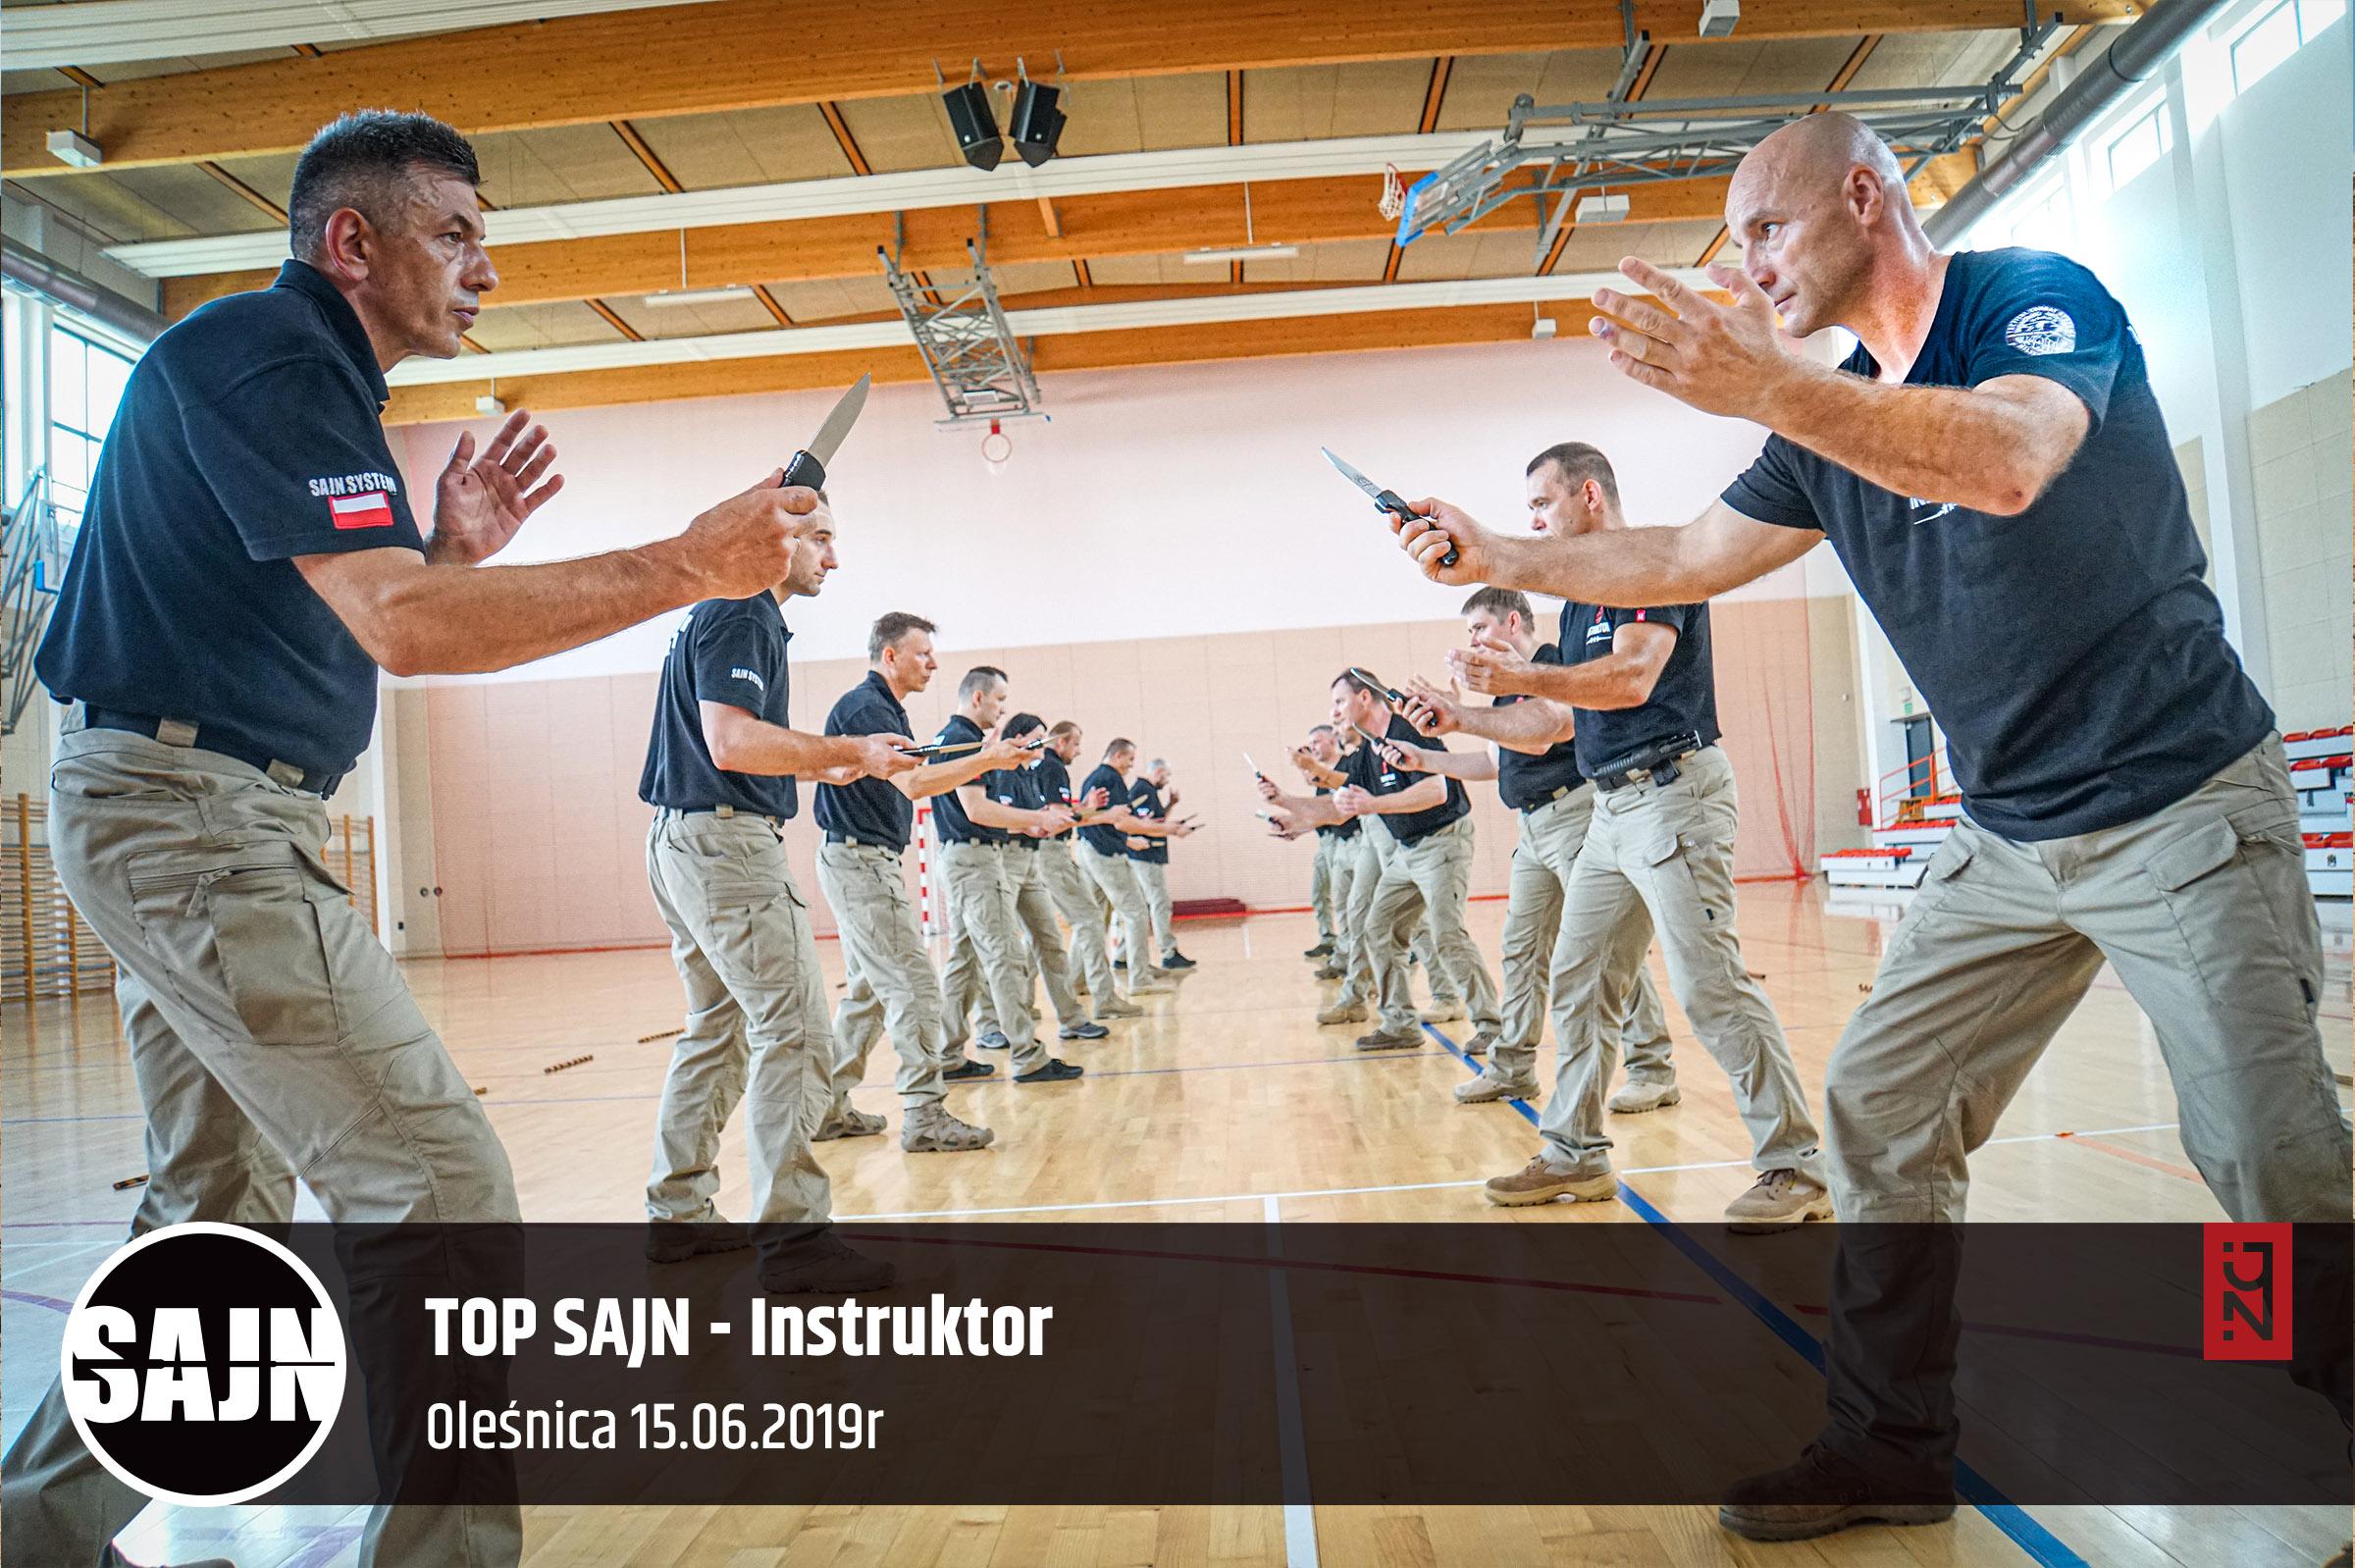 jan nycek_sajn_szkolenie dla sluzb mundurowych_palka teleskopowa_walka nozem_13.jpg